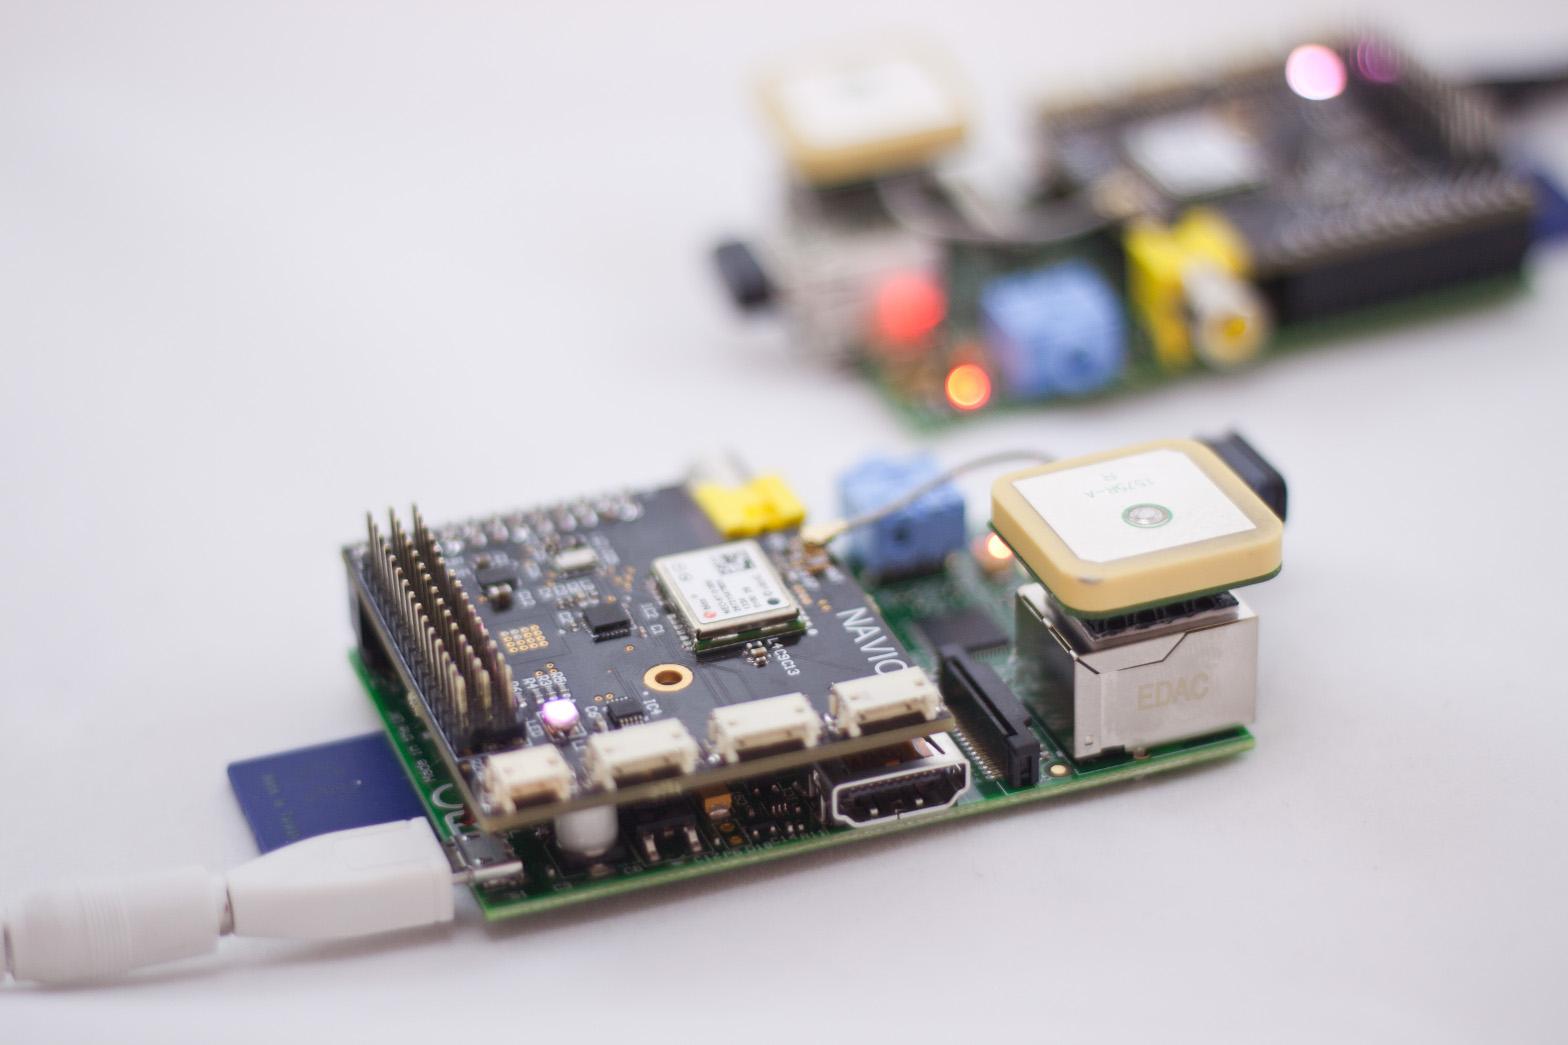 Navio - Rasbpberry Pi autopilot - Interesting - DroneTrest